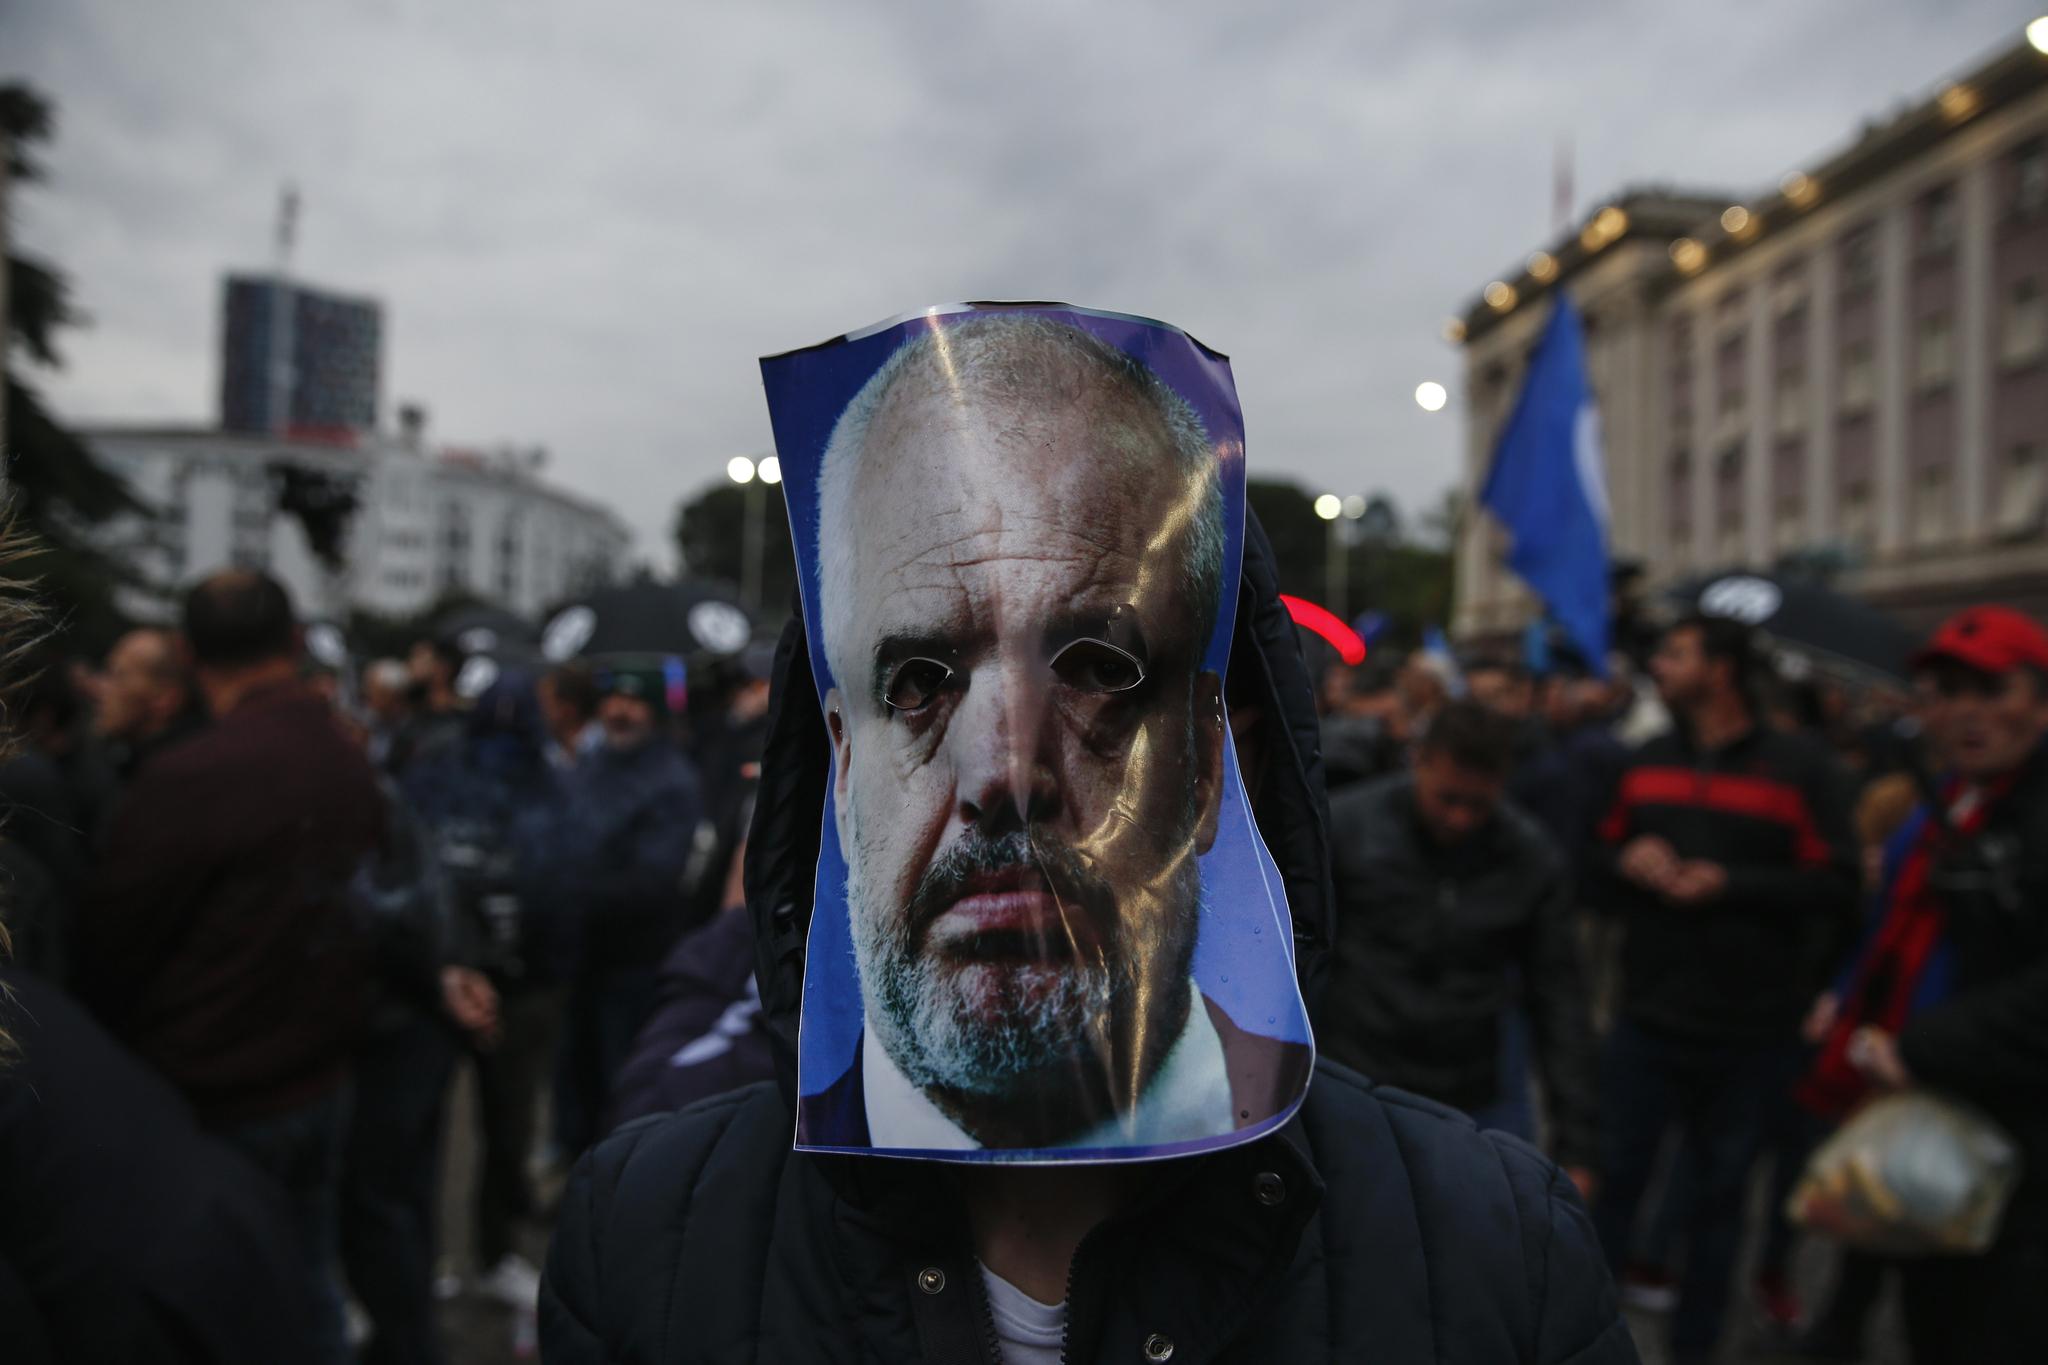 지난 4월 티아나 광장에서 열린 반정부 시위에서 참여한 한 시위자가 라마 총리의 사진을 머리에 두르고 있다. [EPA=연합뉴스]